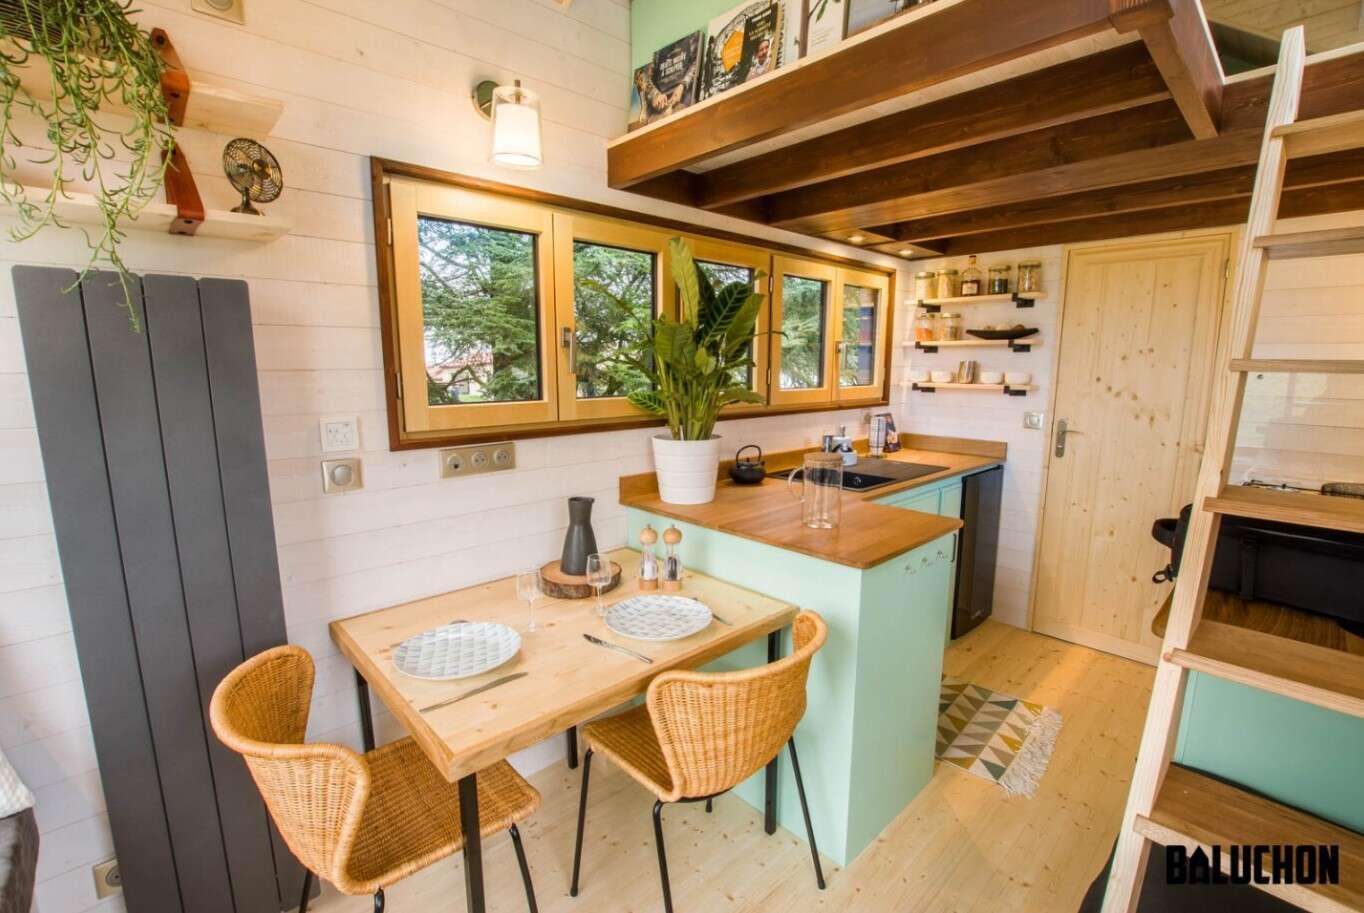 mały dom, Le Chateau Ambulant, dom Baluchona, niewielki mobilny domek